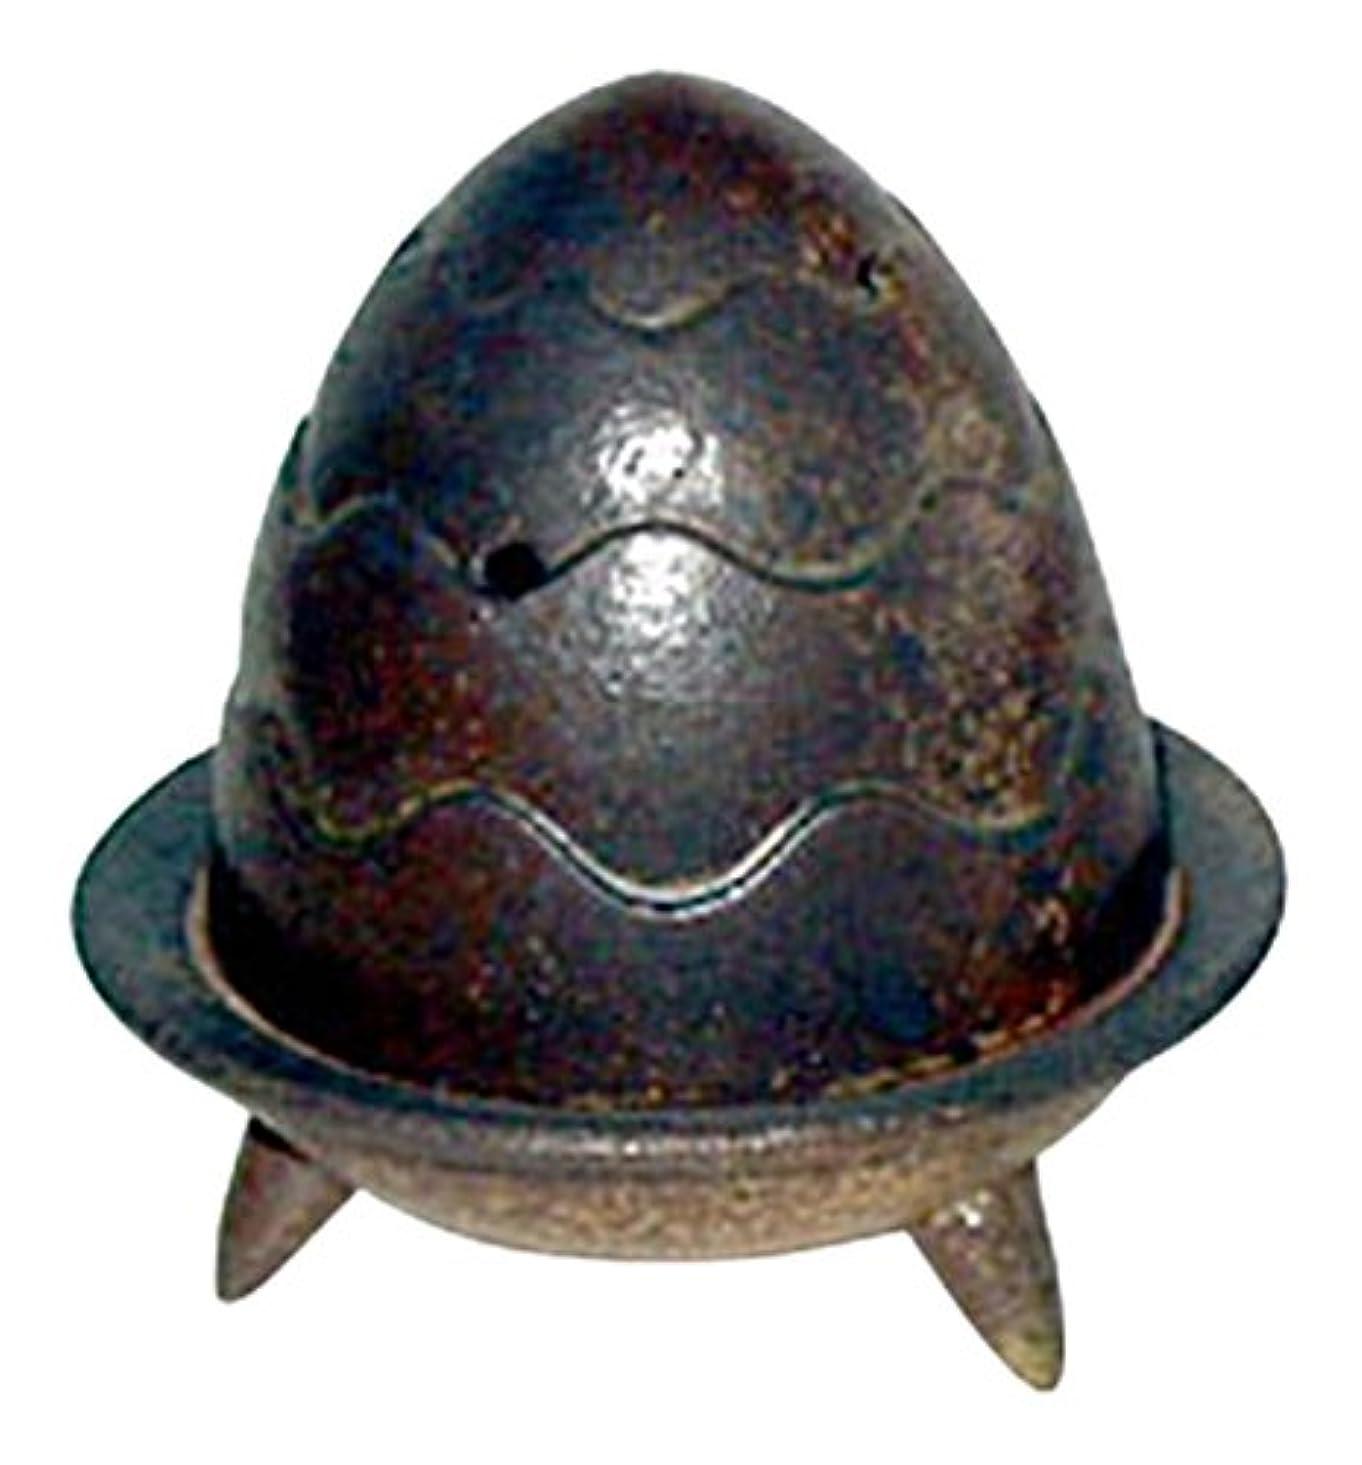 冒険本質的ではない誓う香炉 おしゃれ : 有田焼 なでしこ 深3.0香炉(白) Japanese Incense burner porcelain/Size(cm) Φ8.8x5.8/No:780410